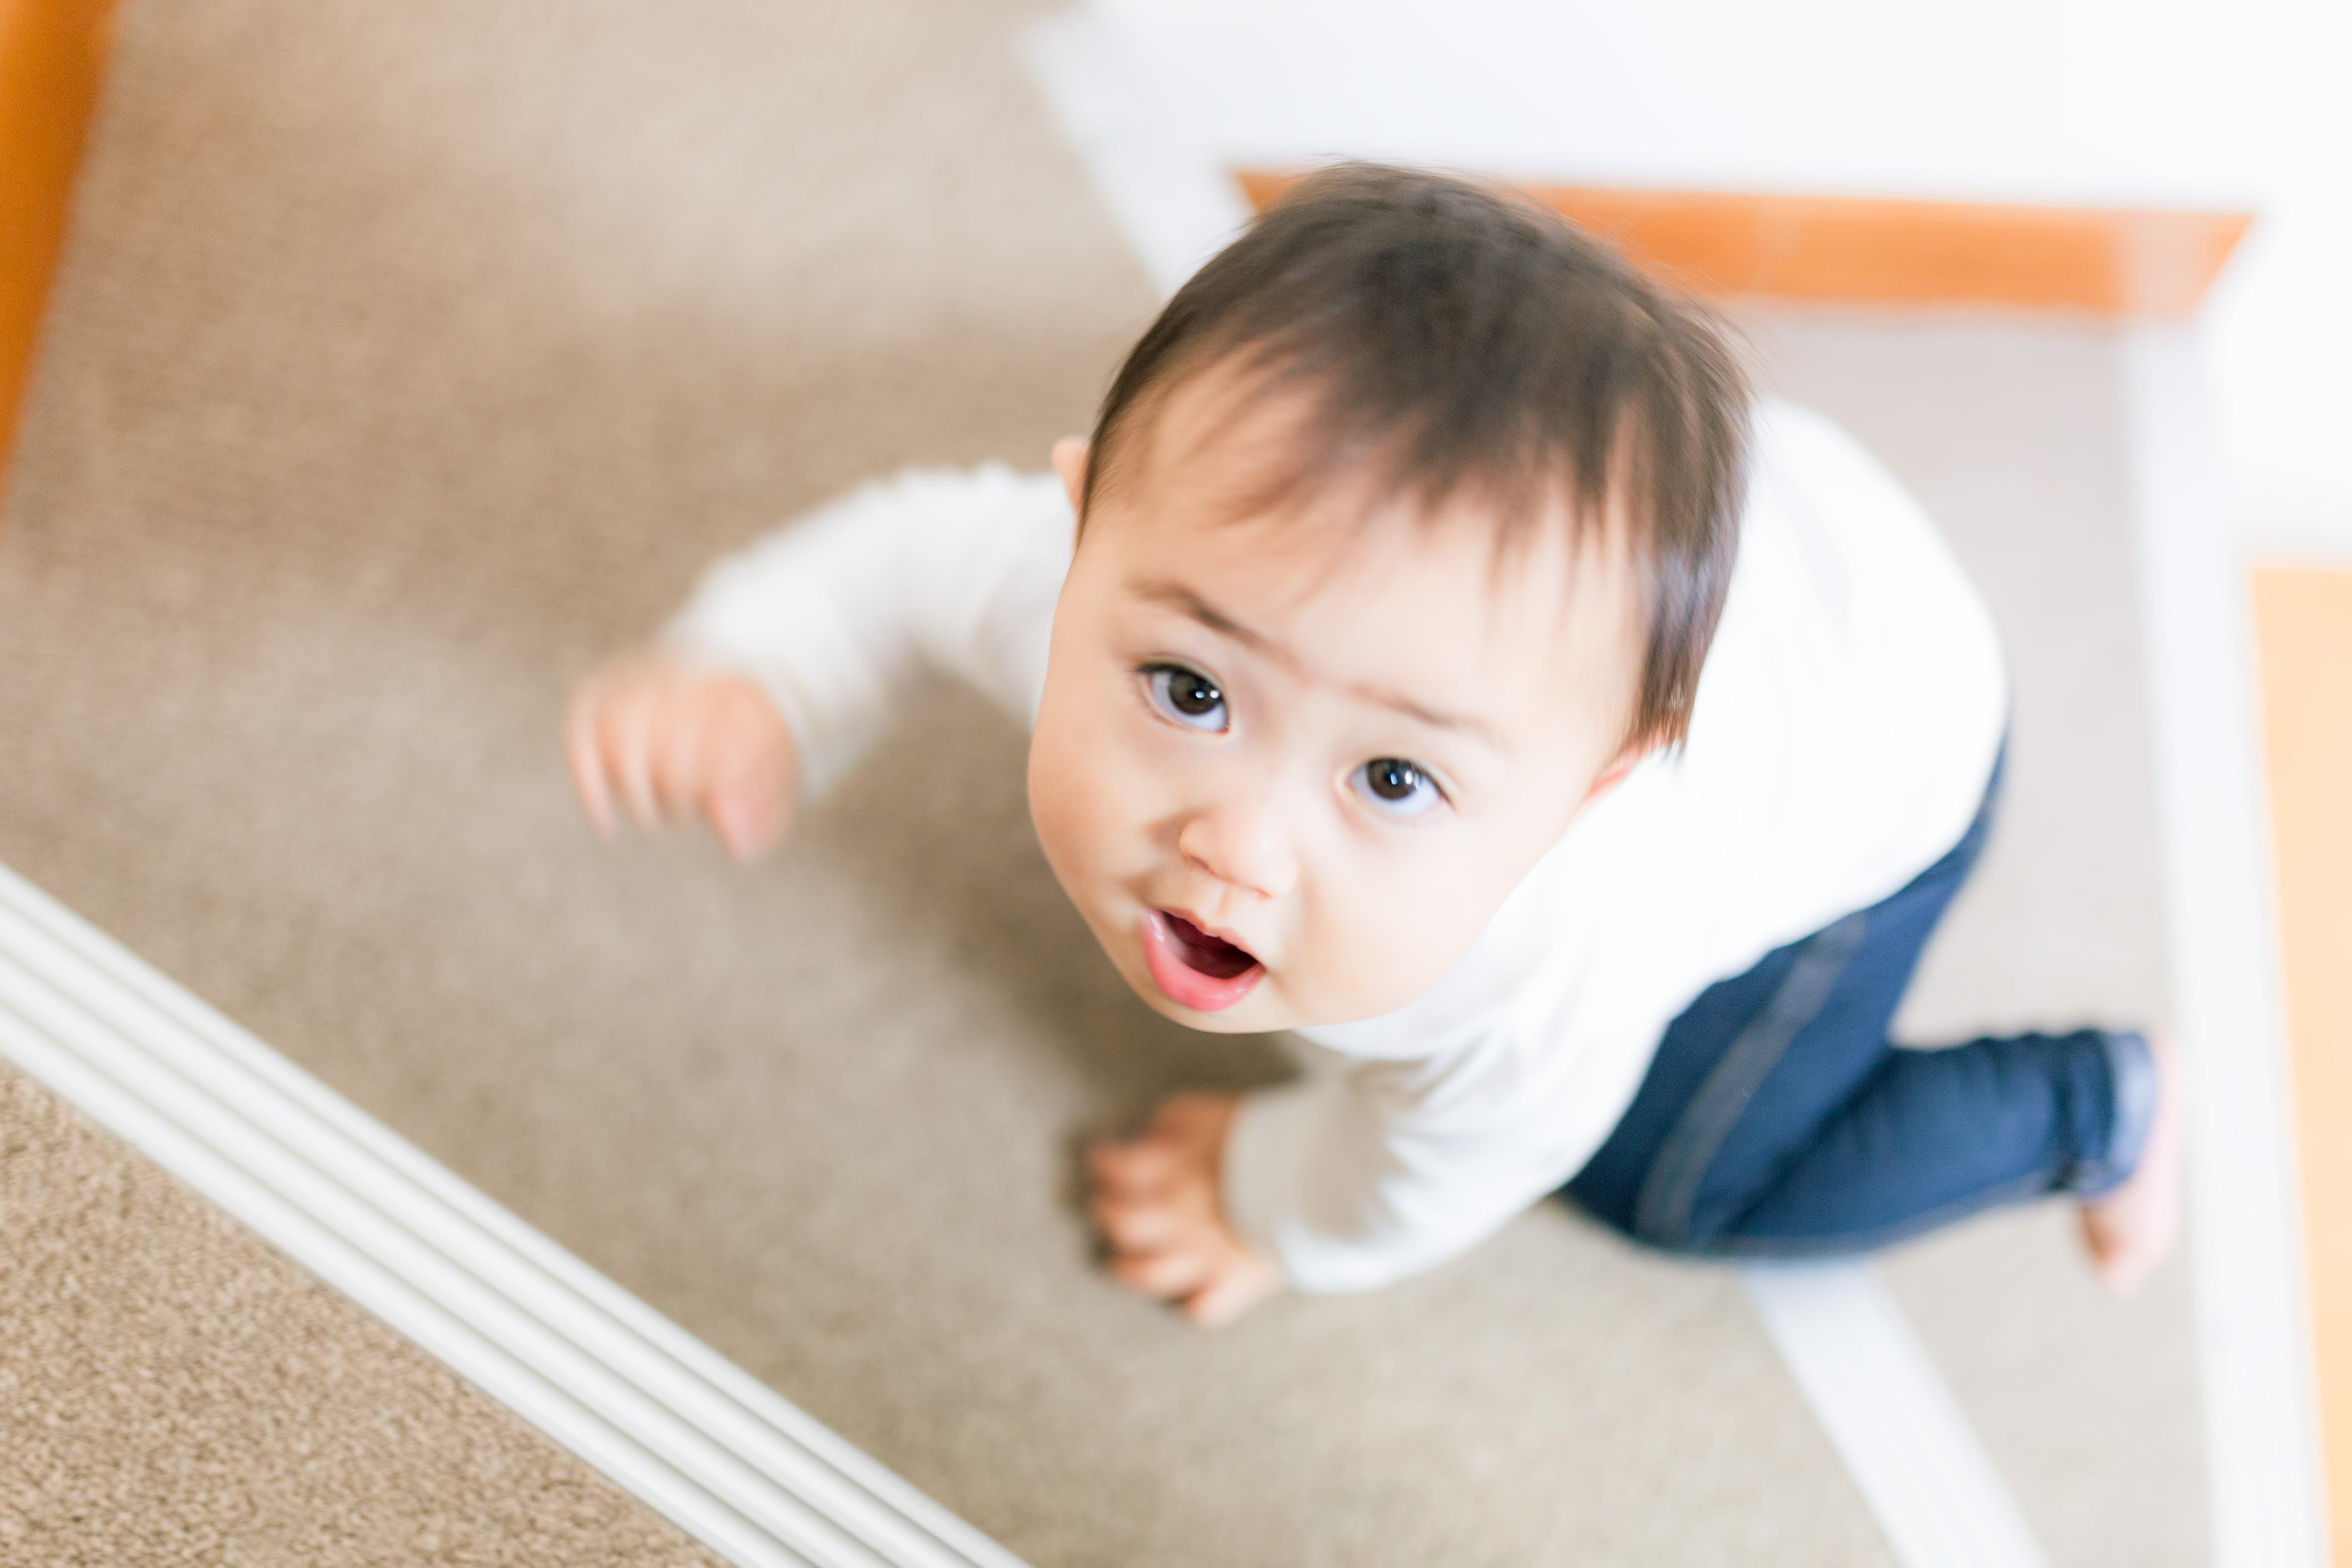 赤ちゃんは靴下をいつから履かせるべき?履かせない理由を4つ紹介!